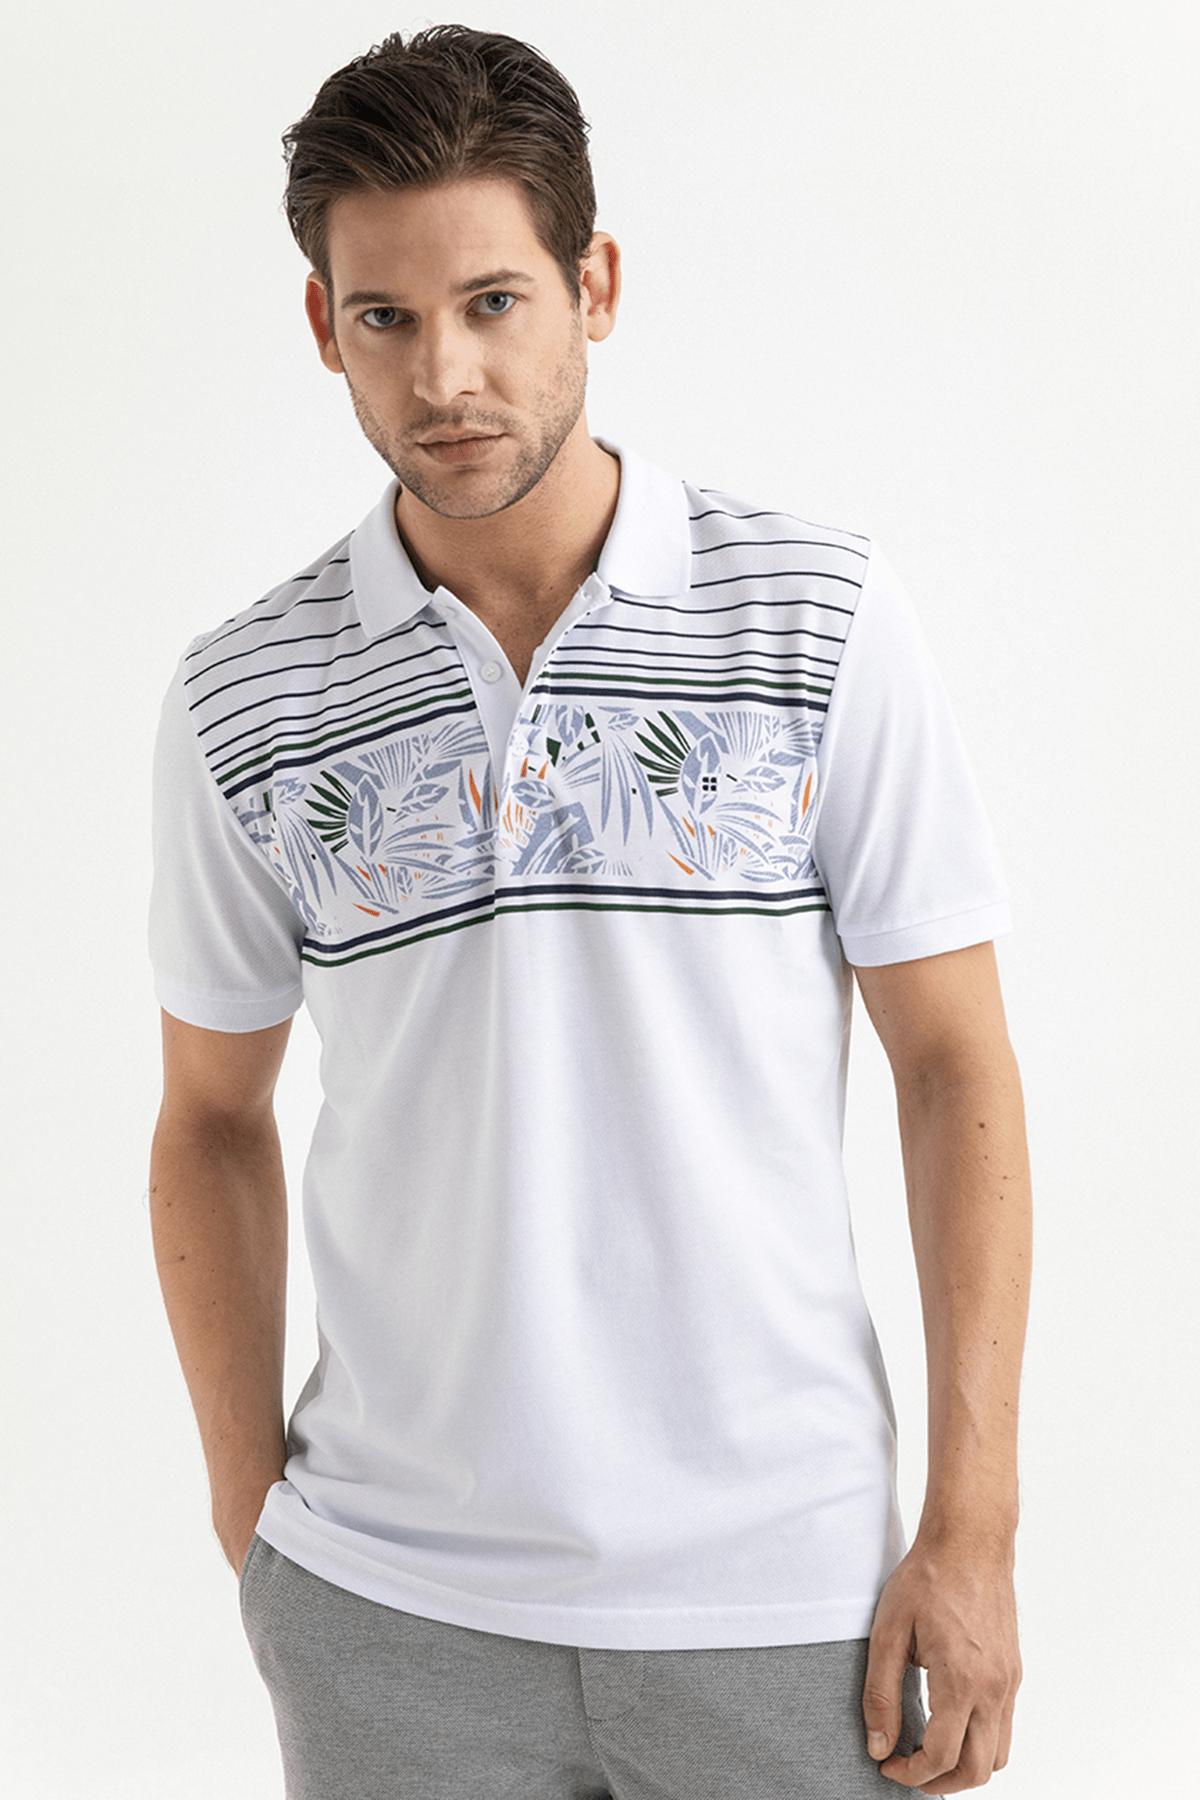 Avva Polo Yaka Baskılı T-Shirt 0